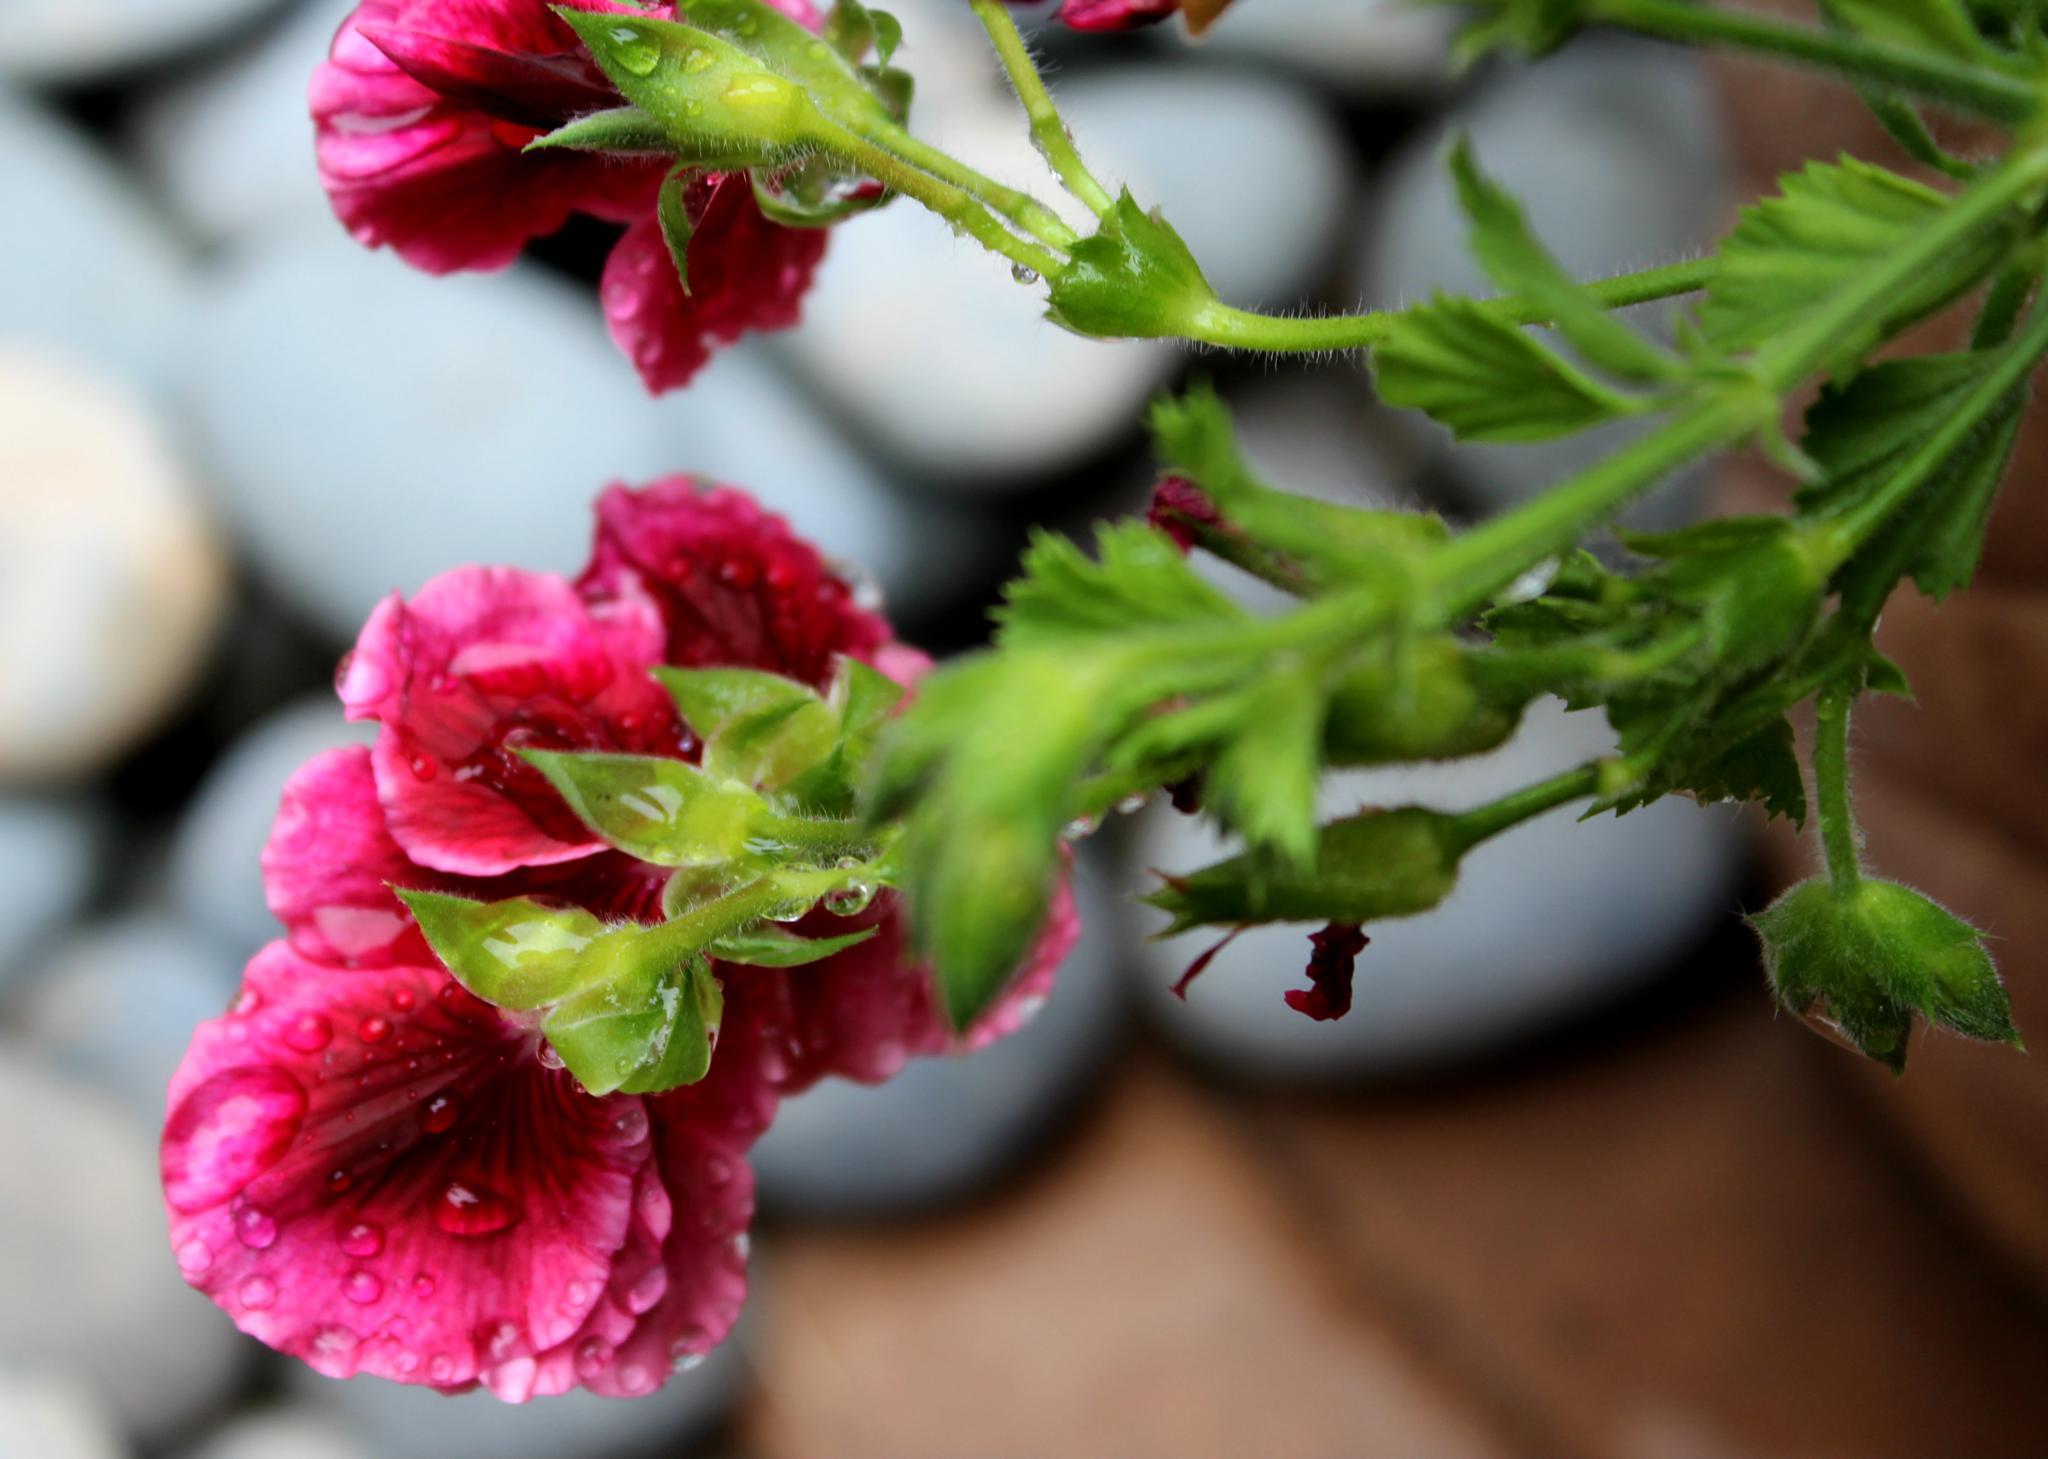 Raindrops on Pink Flower by Lucretia Bittner